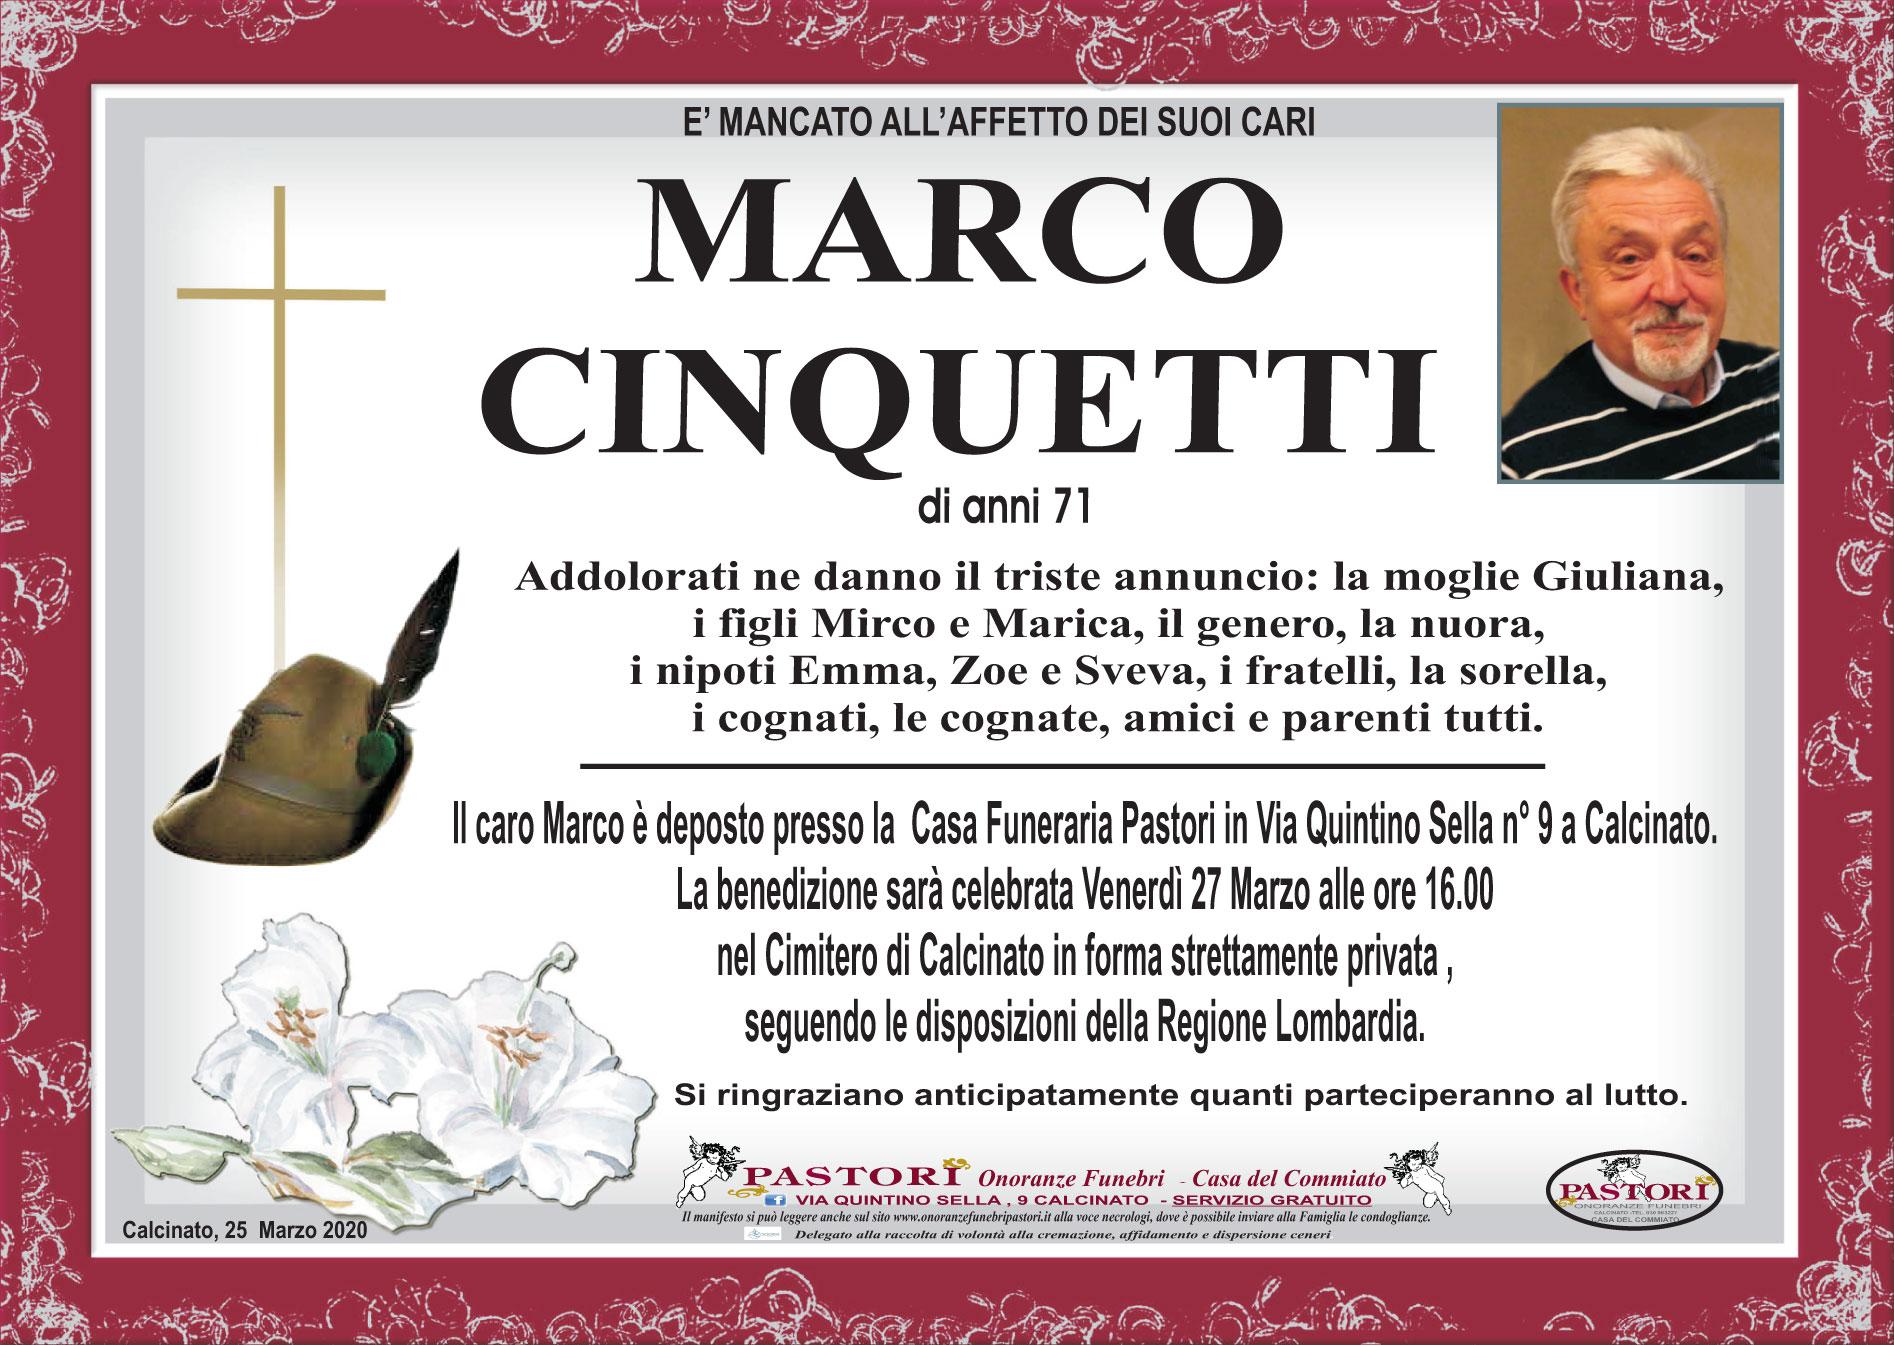 Marco Cinquetti